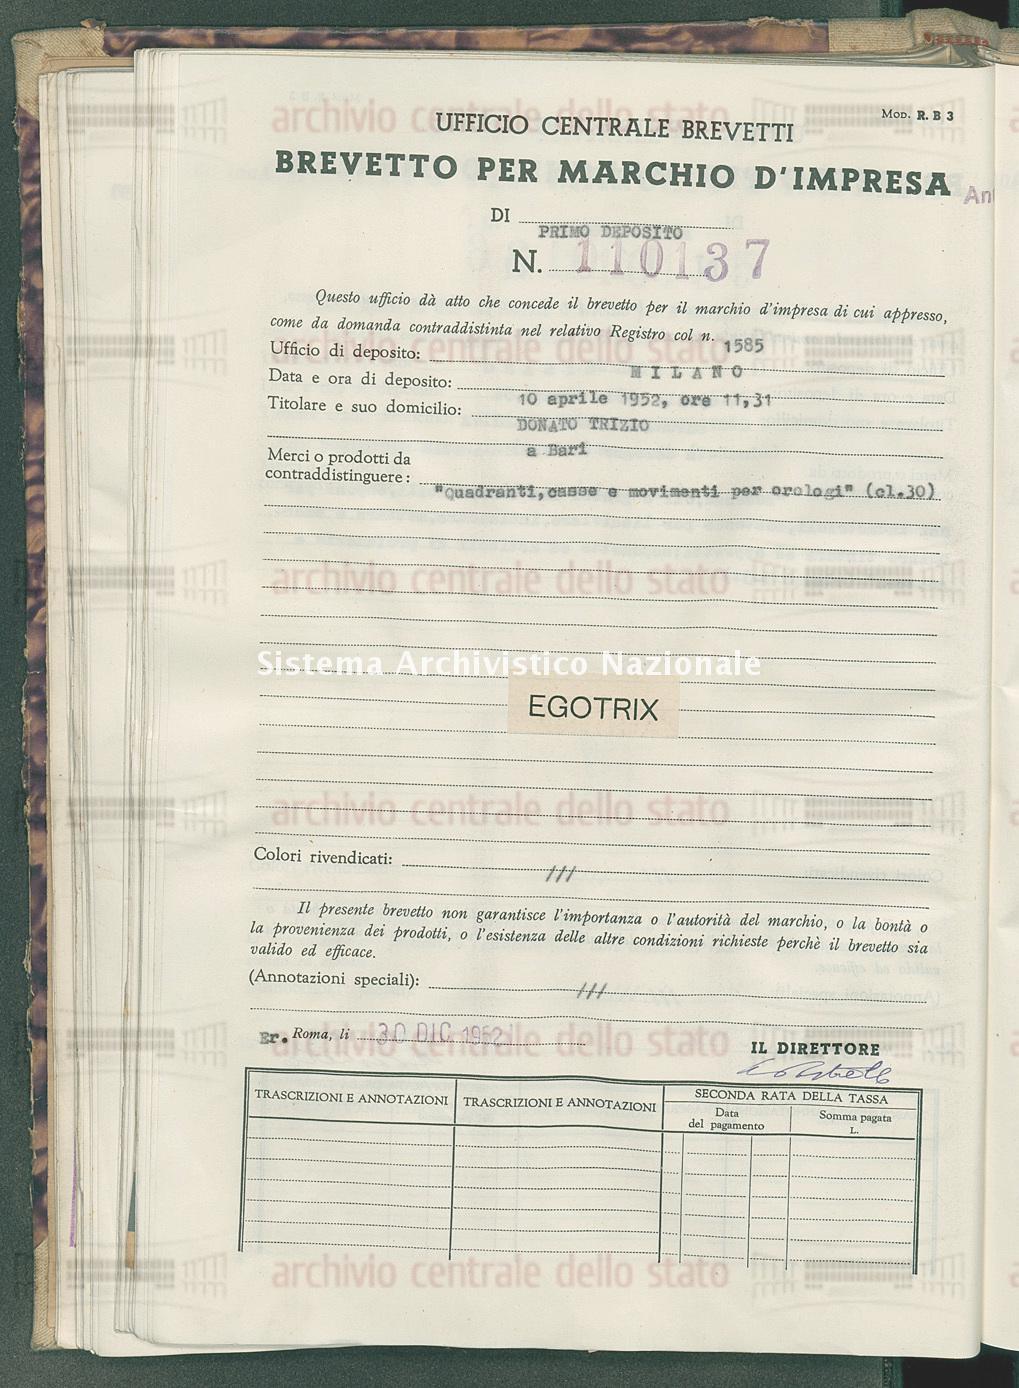 'Quadranti, casse e movimenti per orologi Donato Trizio (30/12/1952)